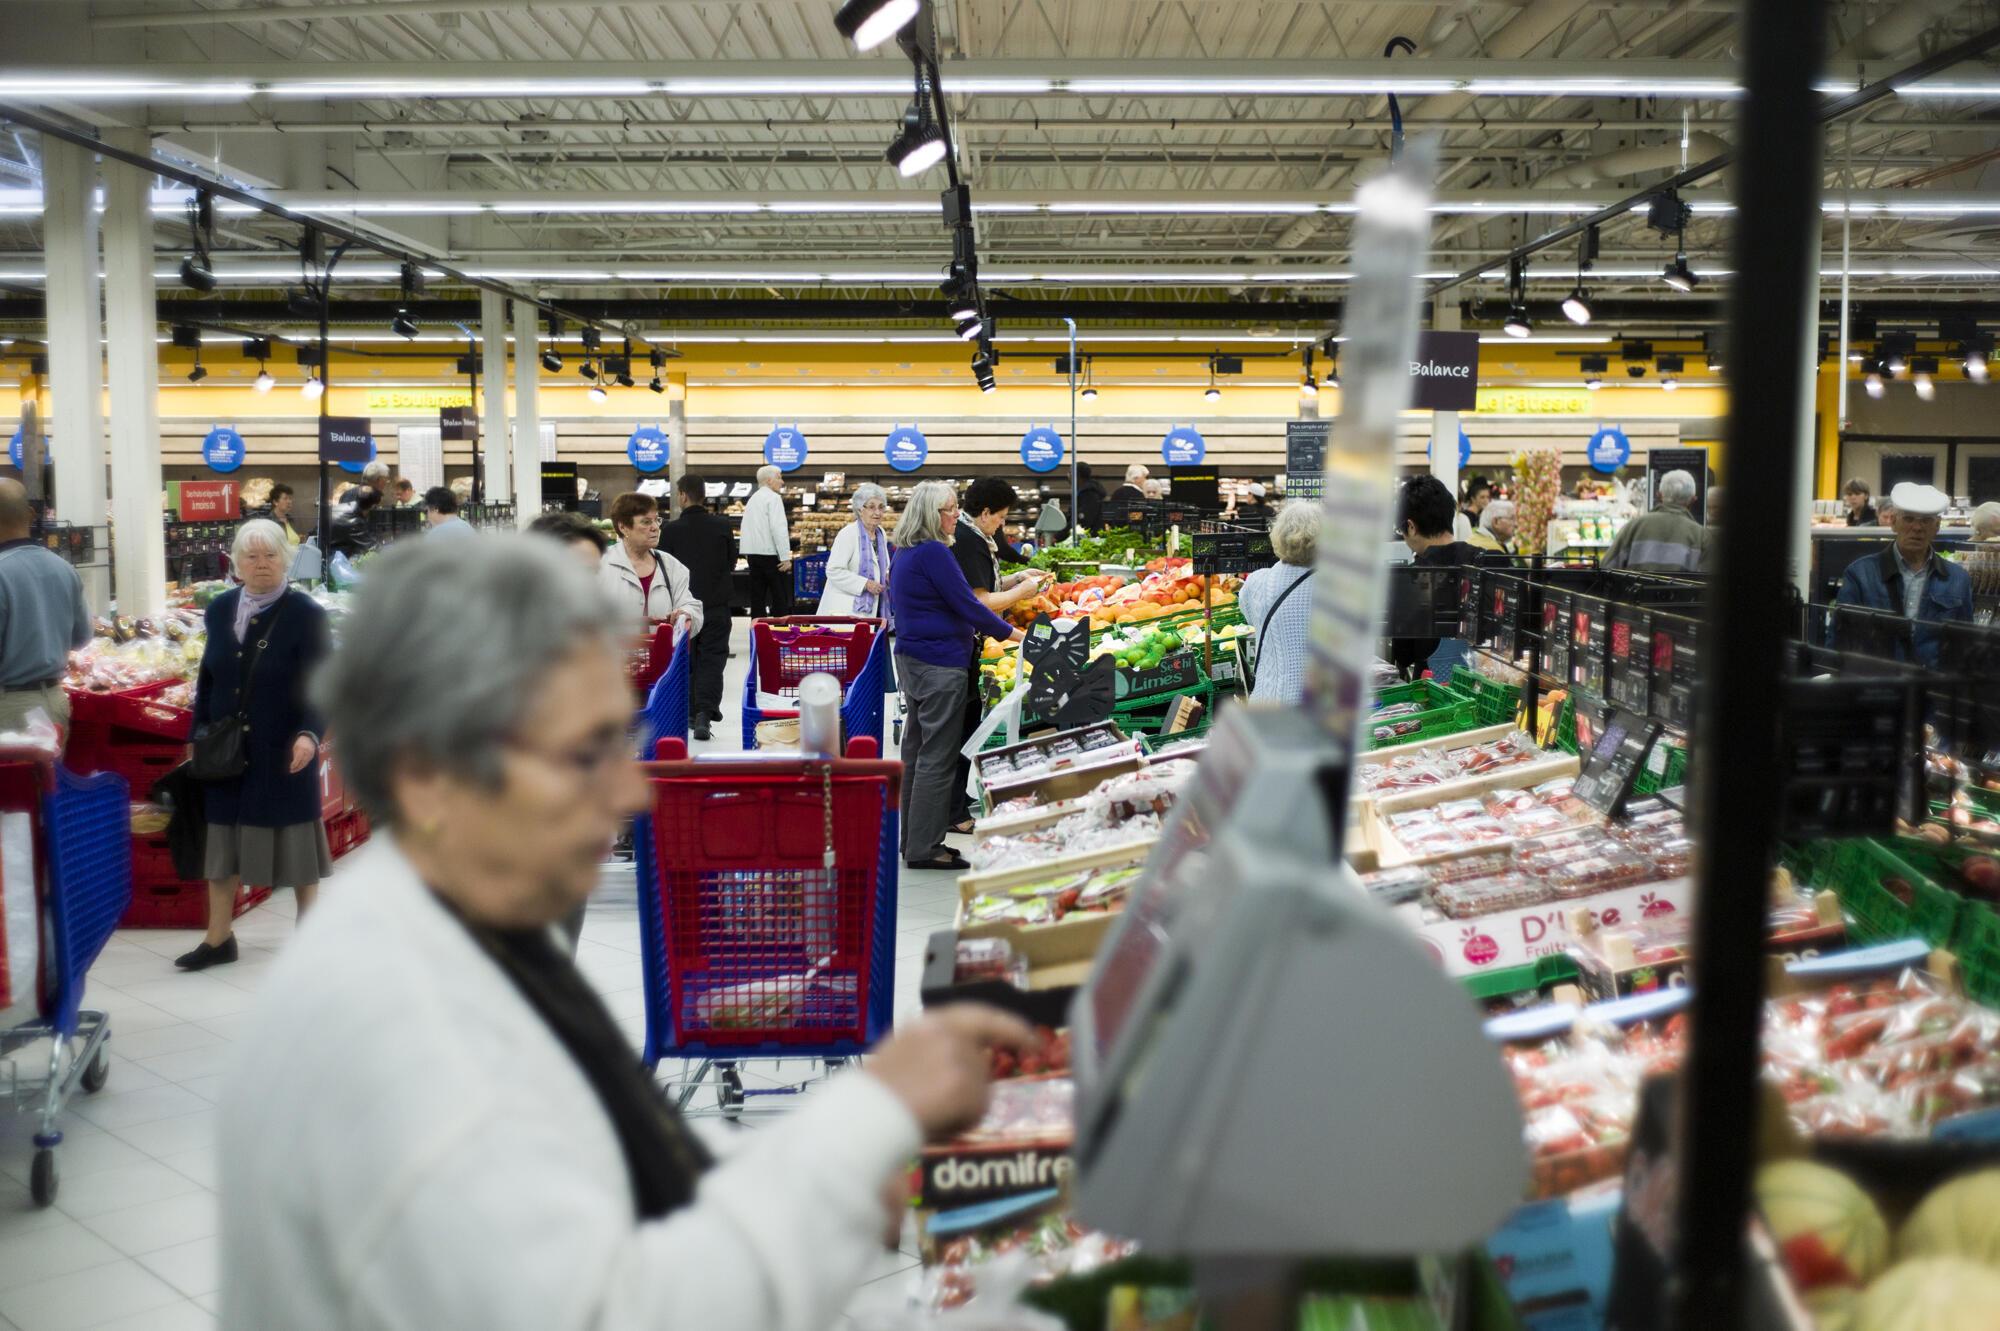 Supermercado Carrefour em Sainte-Geneviève-des-Bois.